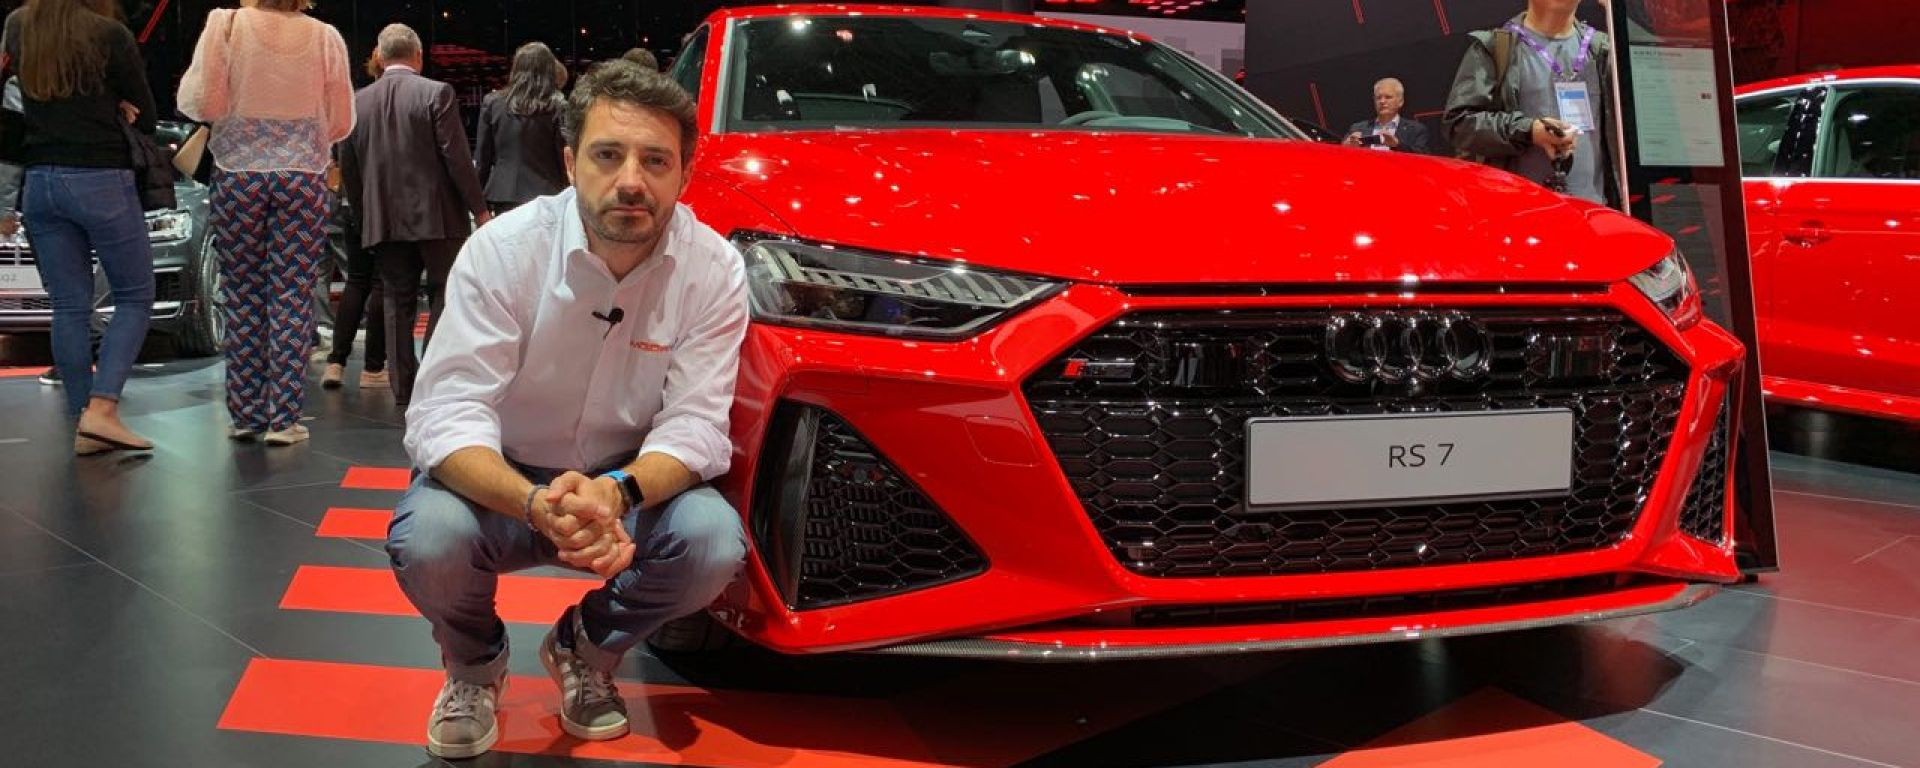 Audi RS7 Sportback in video dal Salone di Francoforte 2019